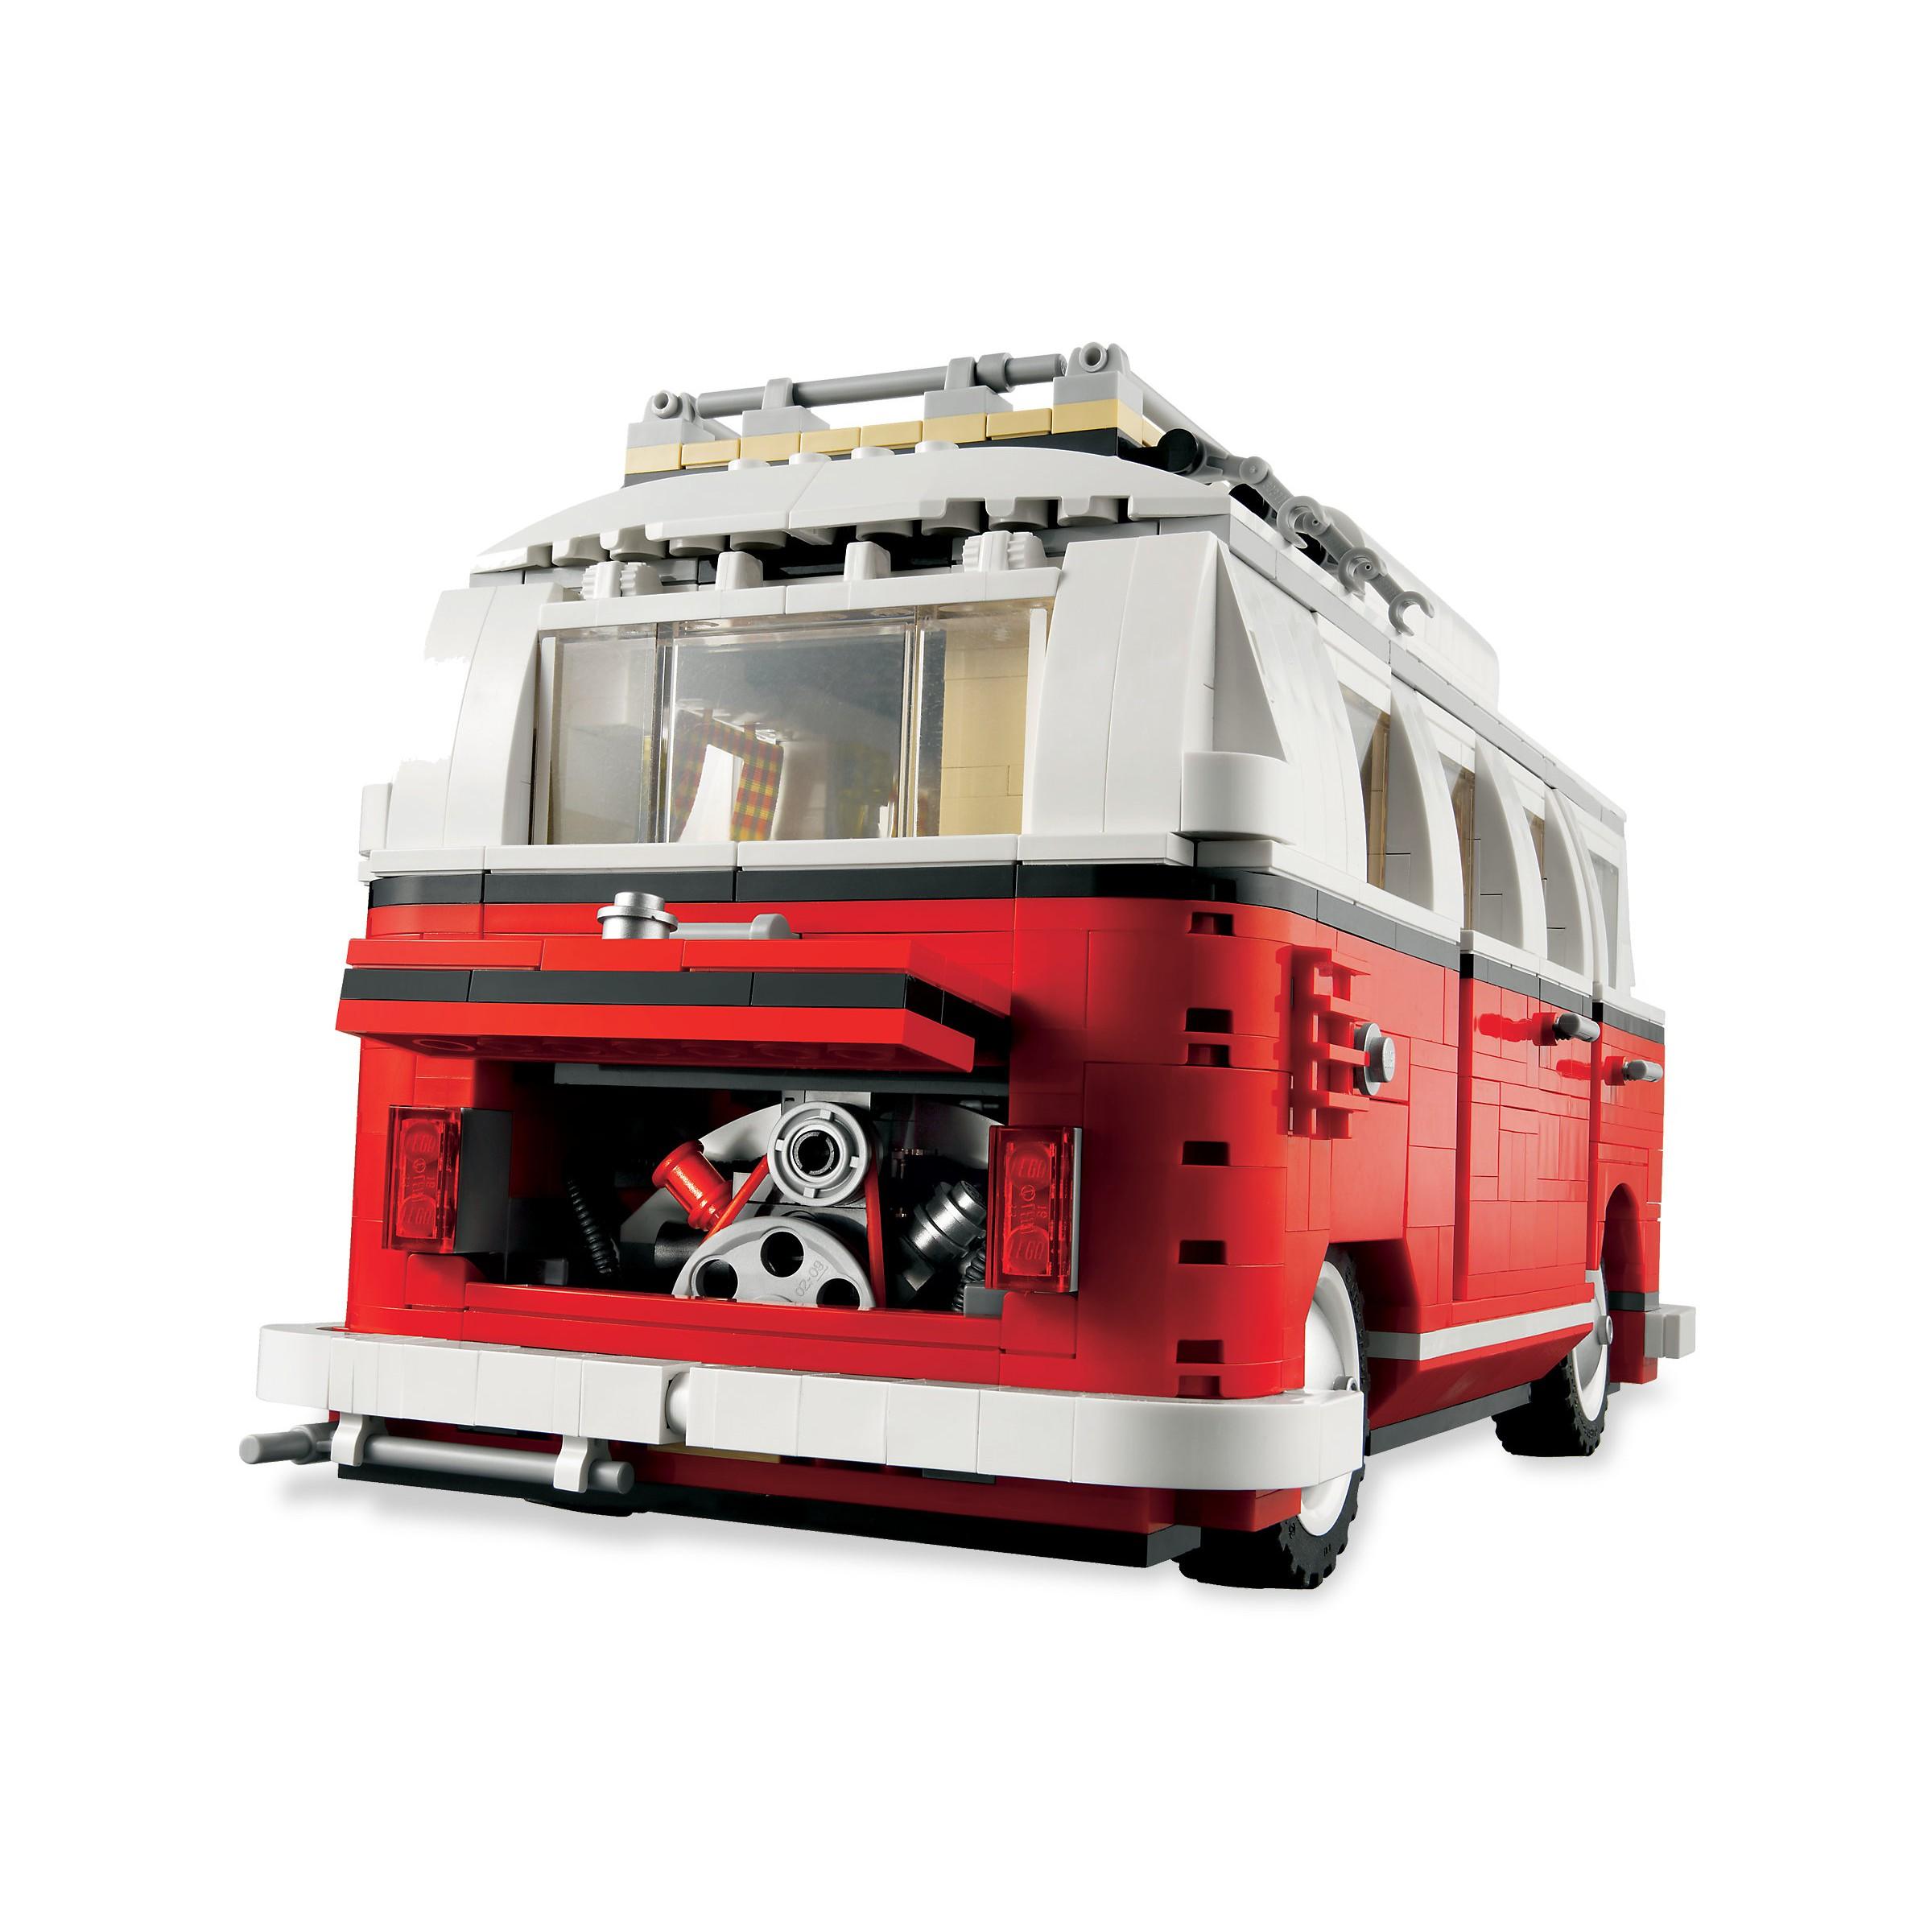 Lego 10220 Creator Volkswagen T1 Camper Kombi Van At Hobby